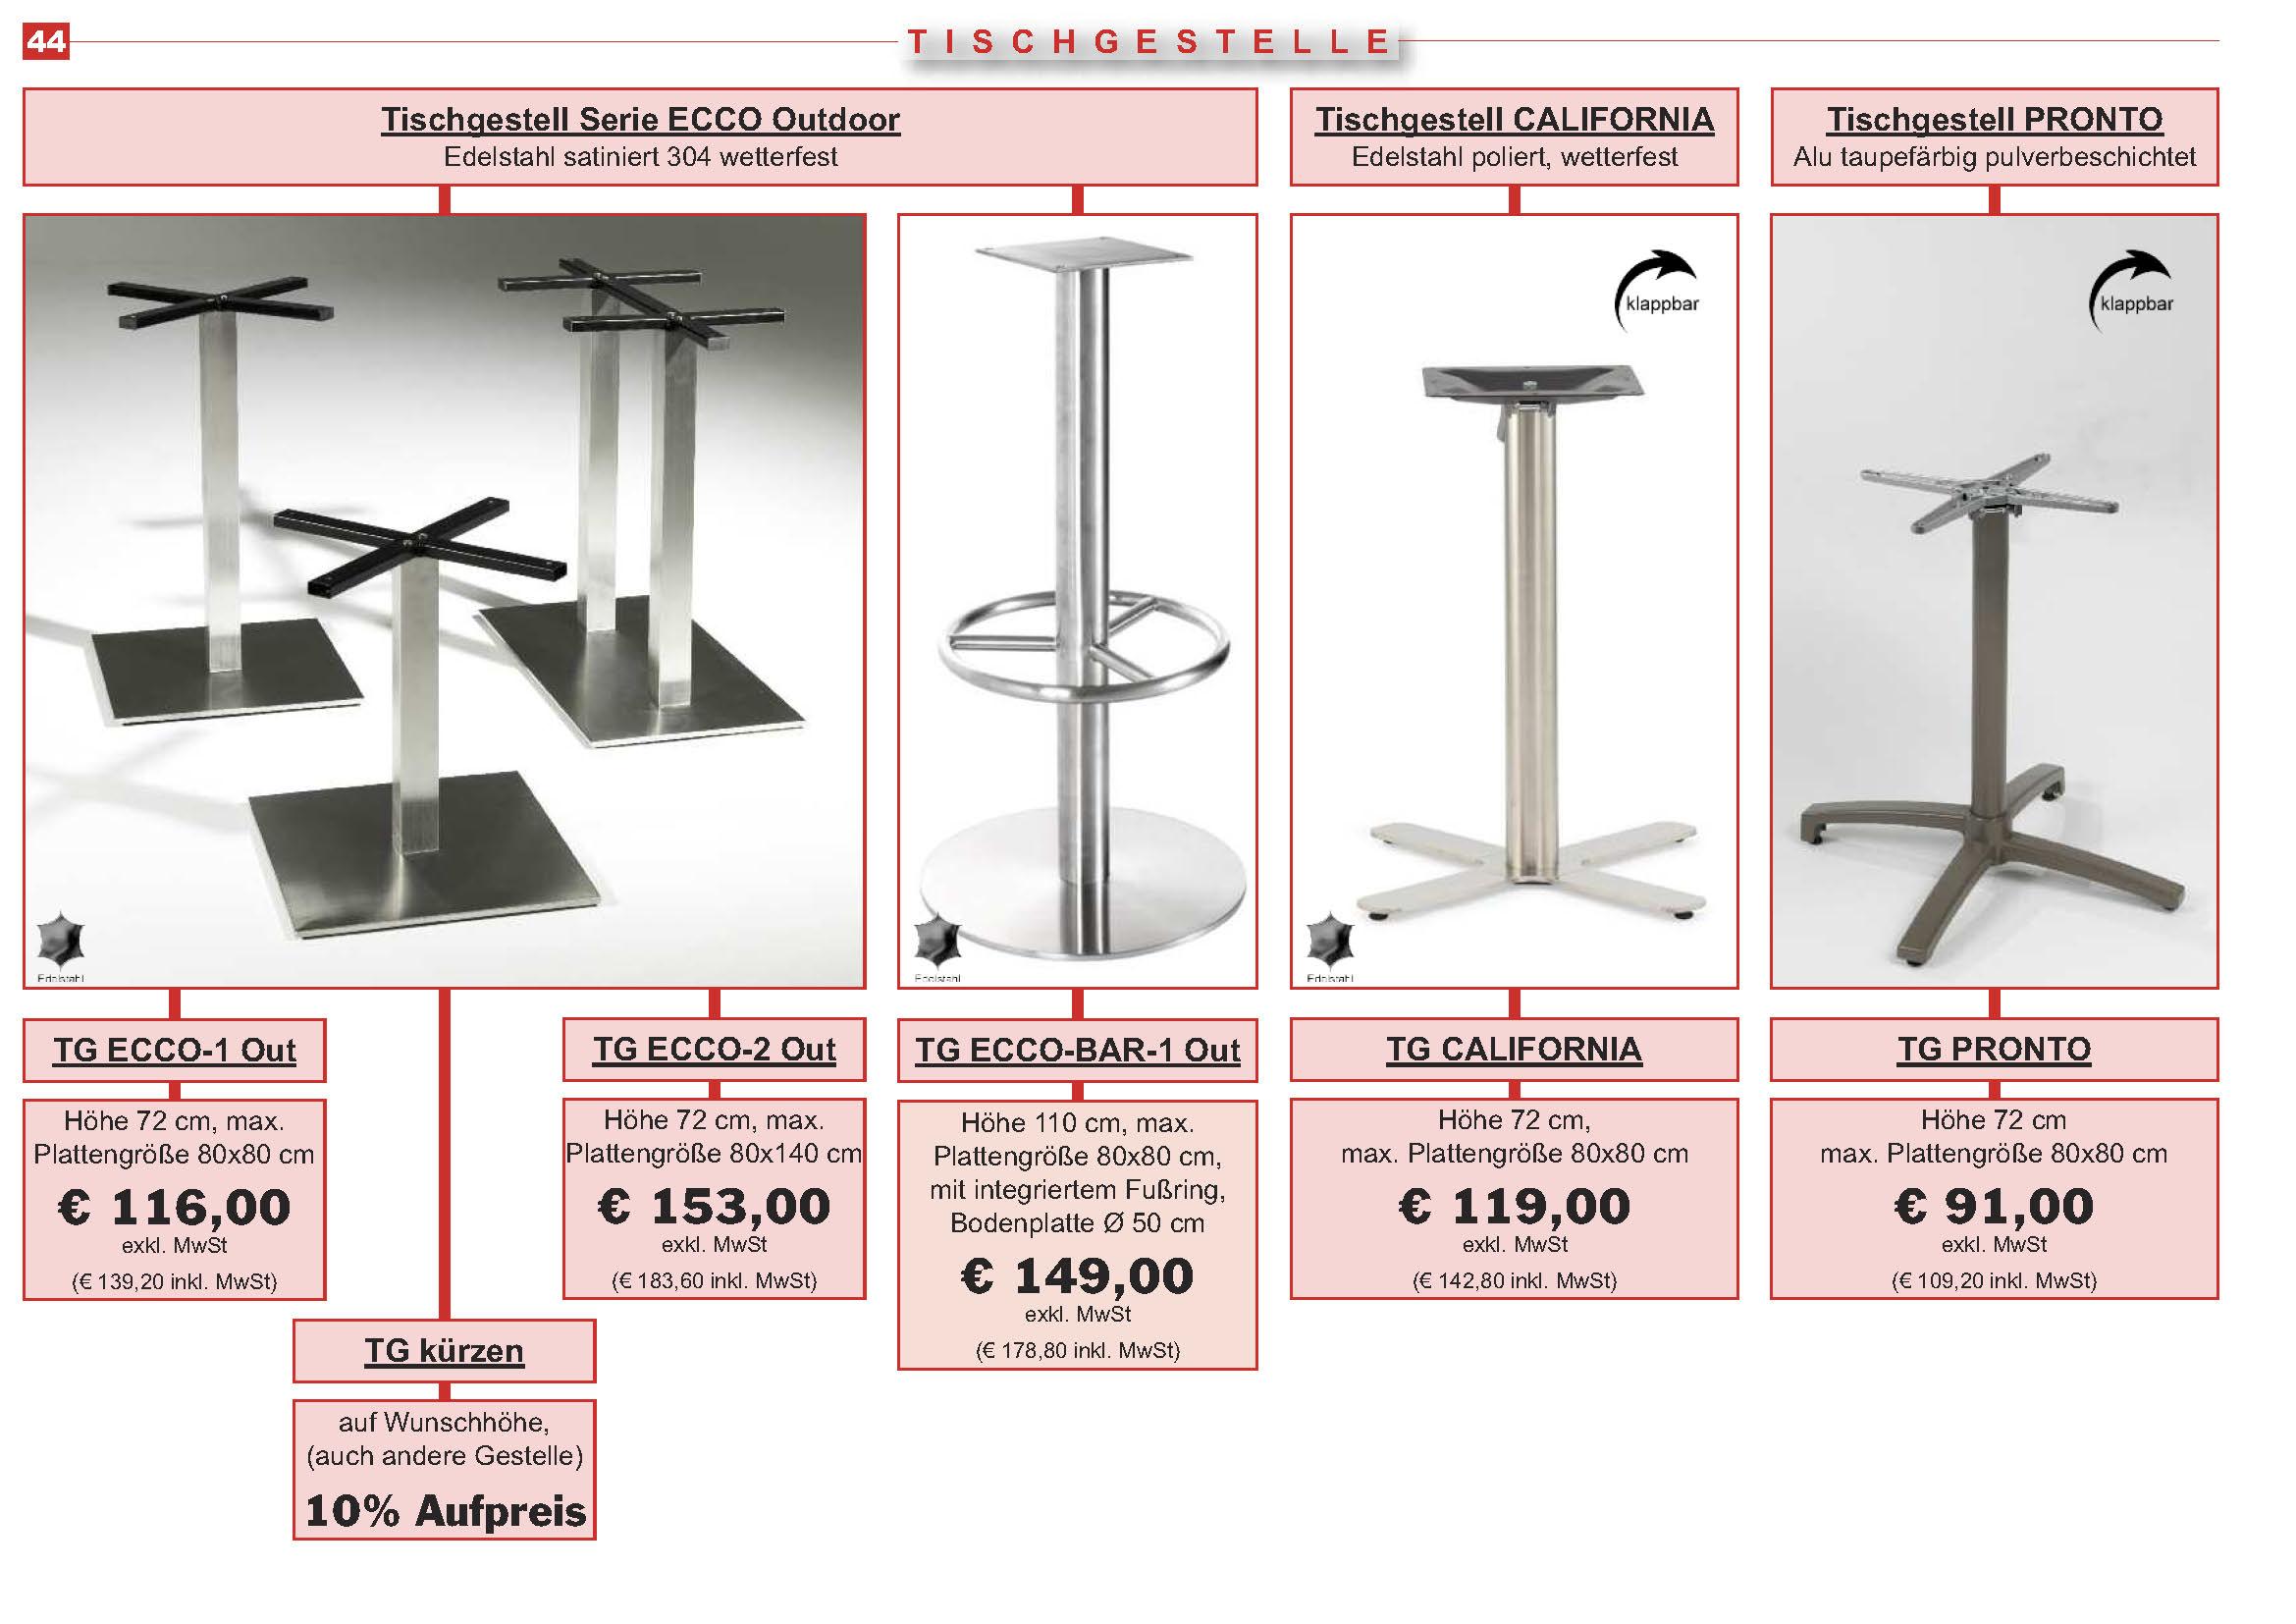 Tischgestelle_Seite_01